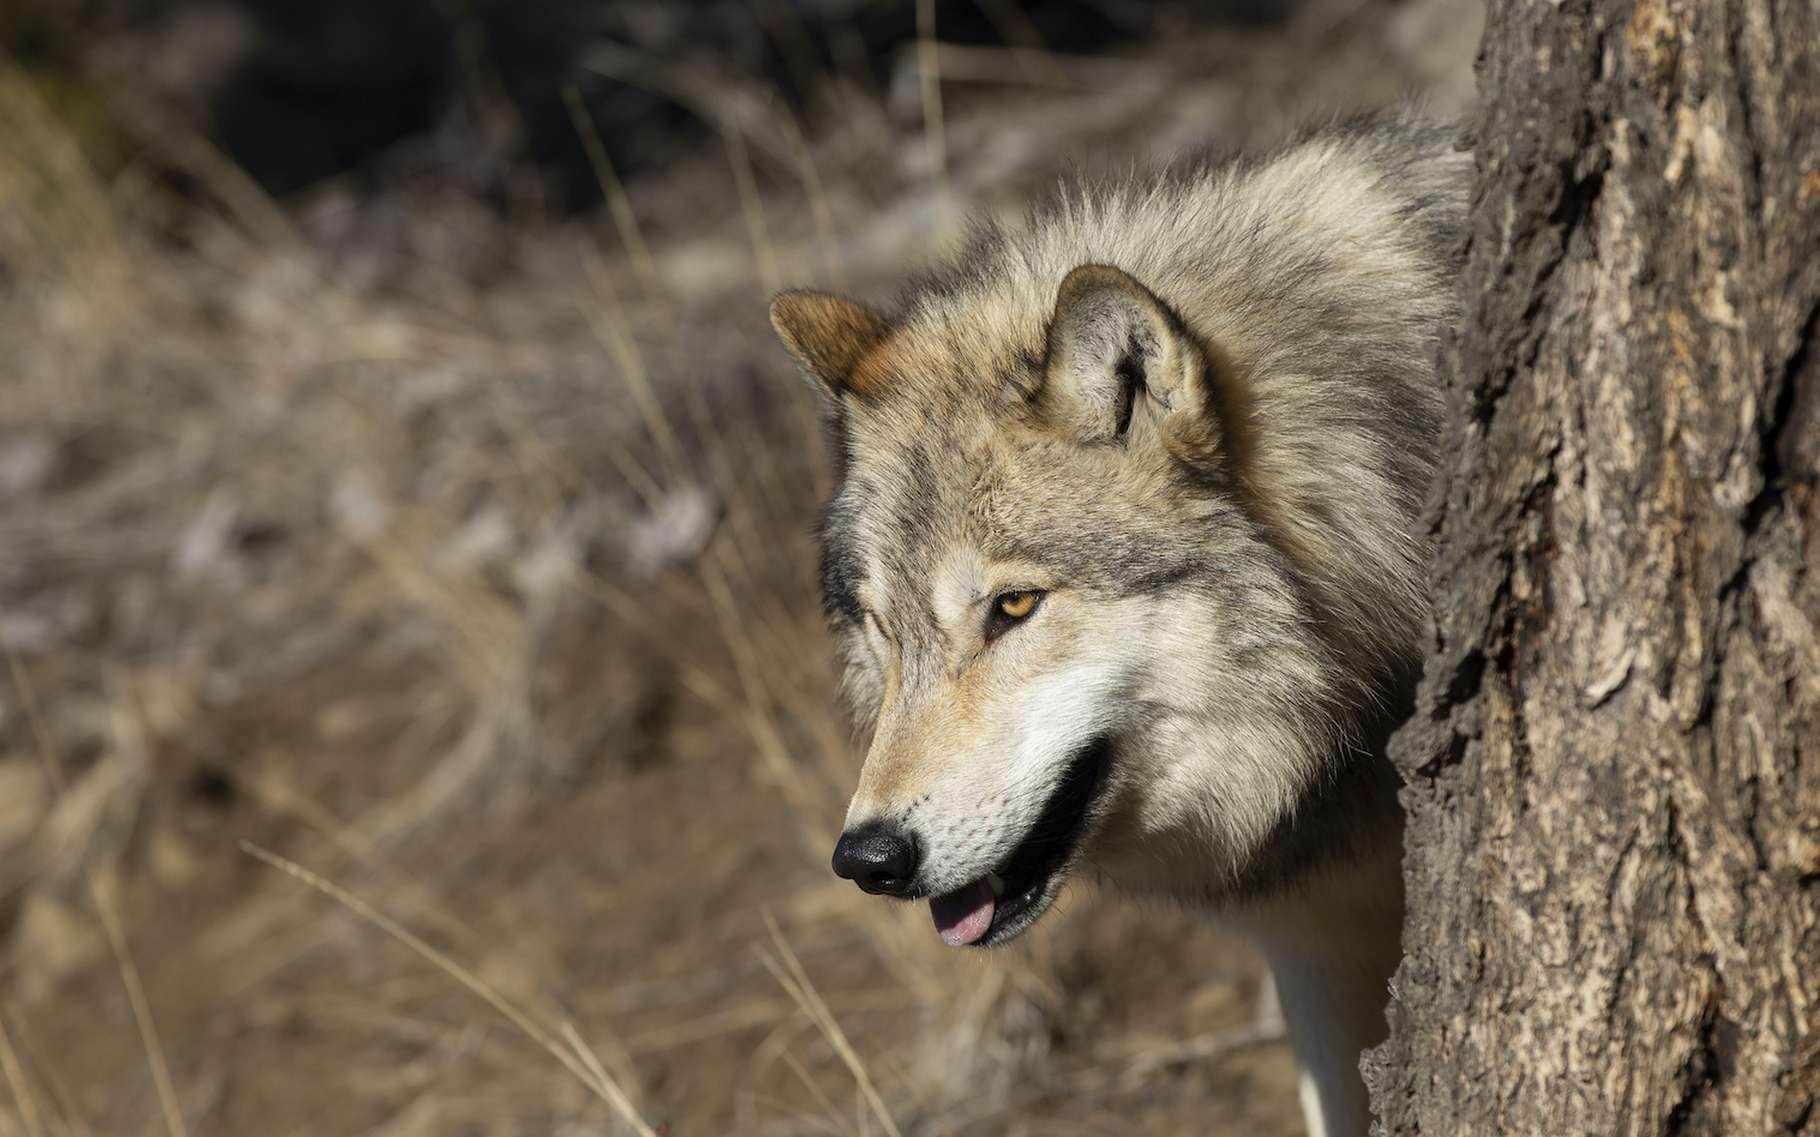 Comment le rewilding, ou réensauvagement, peut atténuer le réchauffement climatique